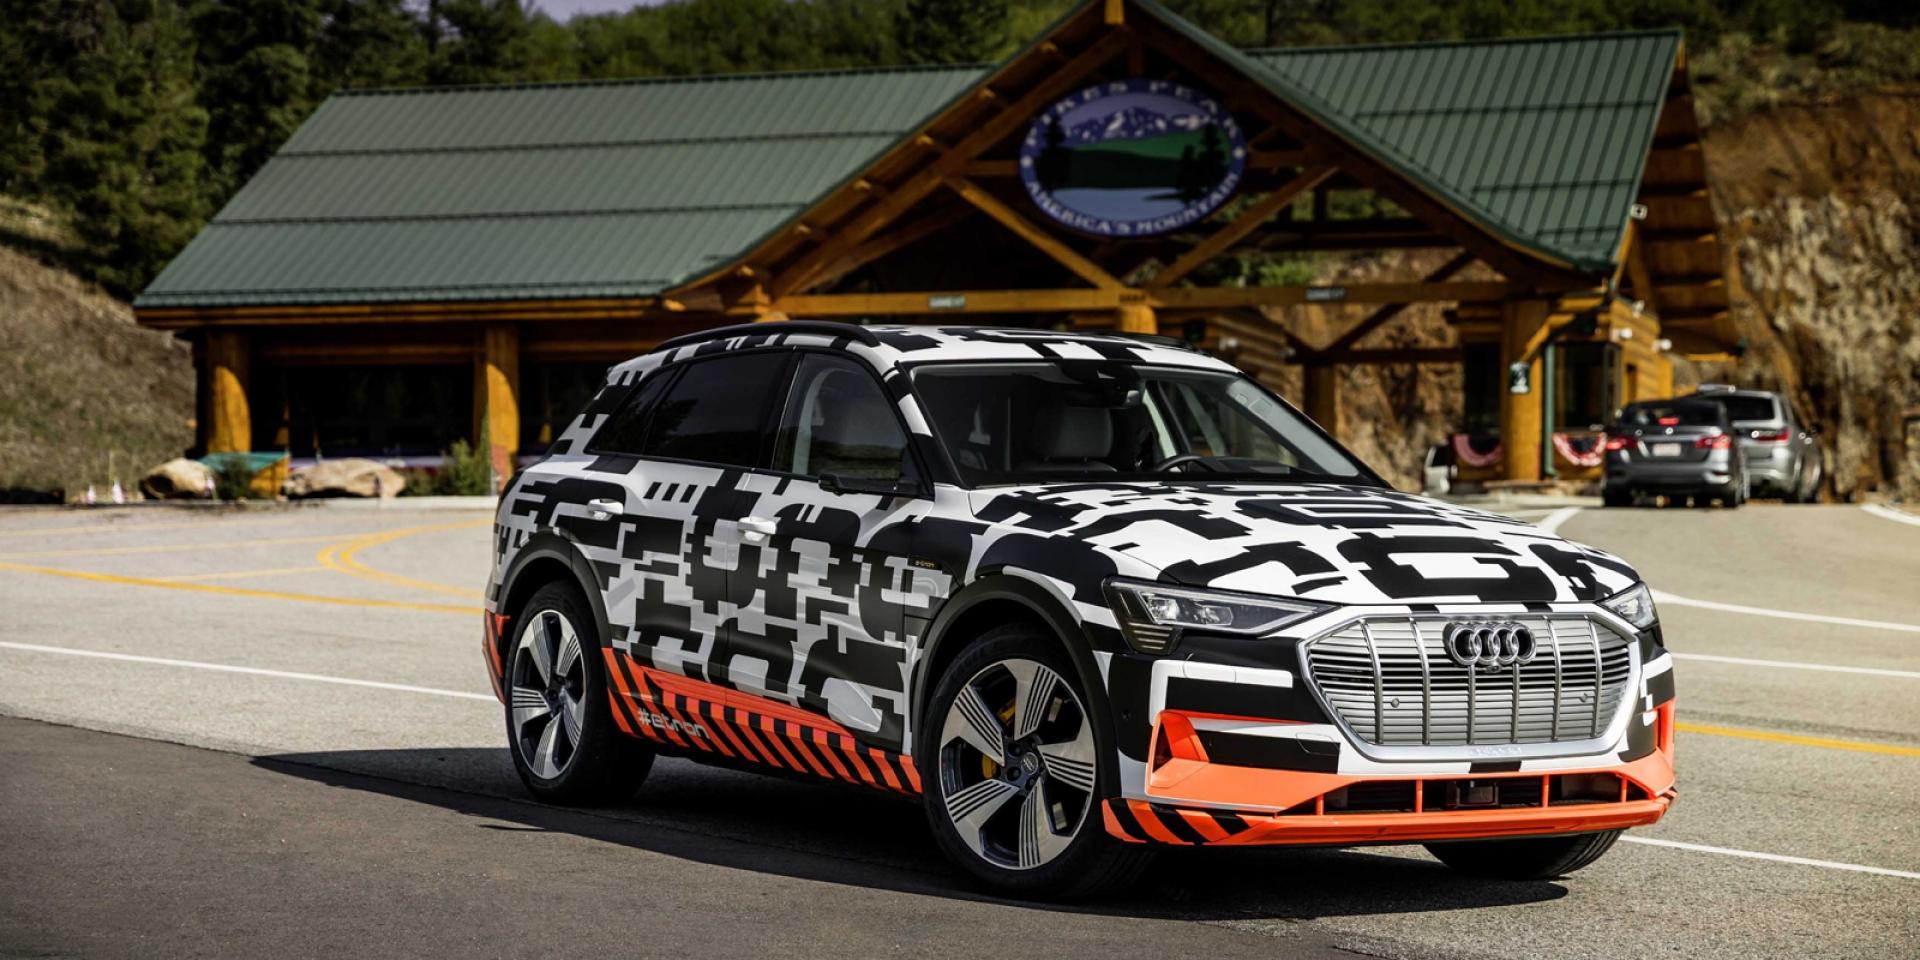 官方新聞稿。以前瞻科技全面佈局純淨移動未來 Audi強勢問鼎電動車市場